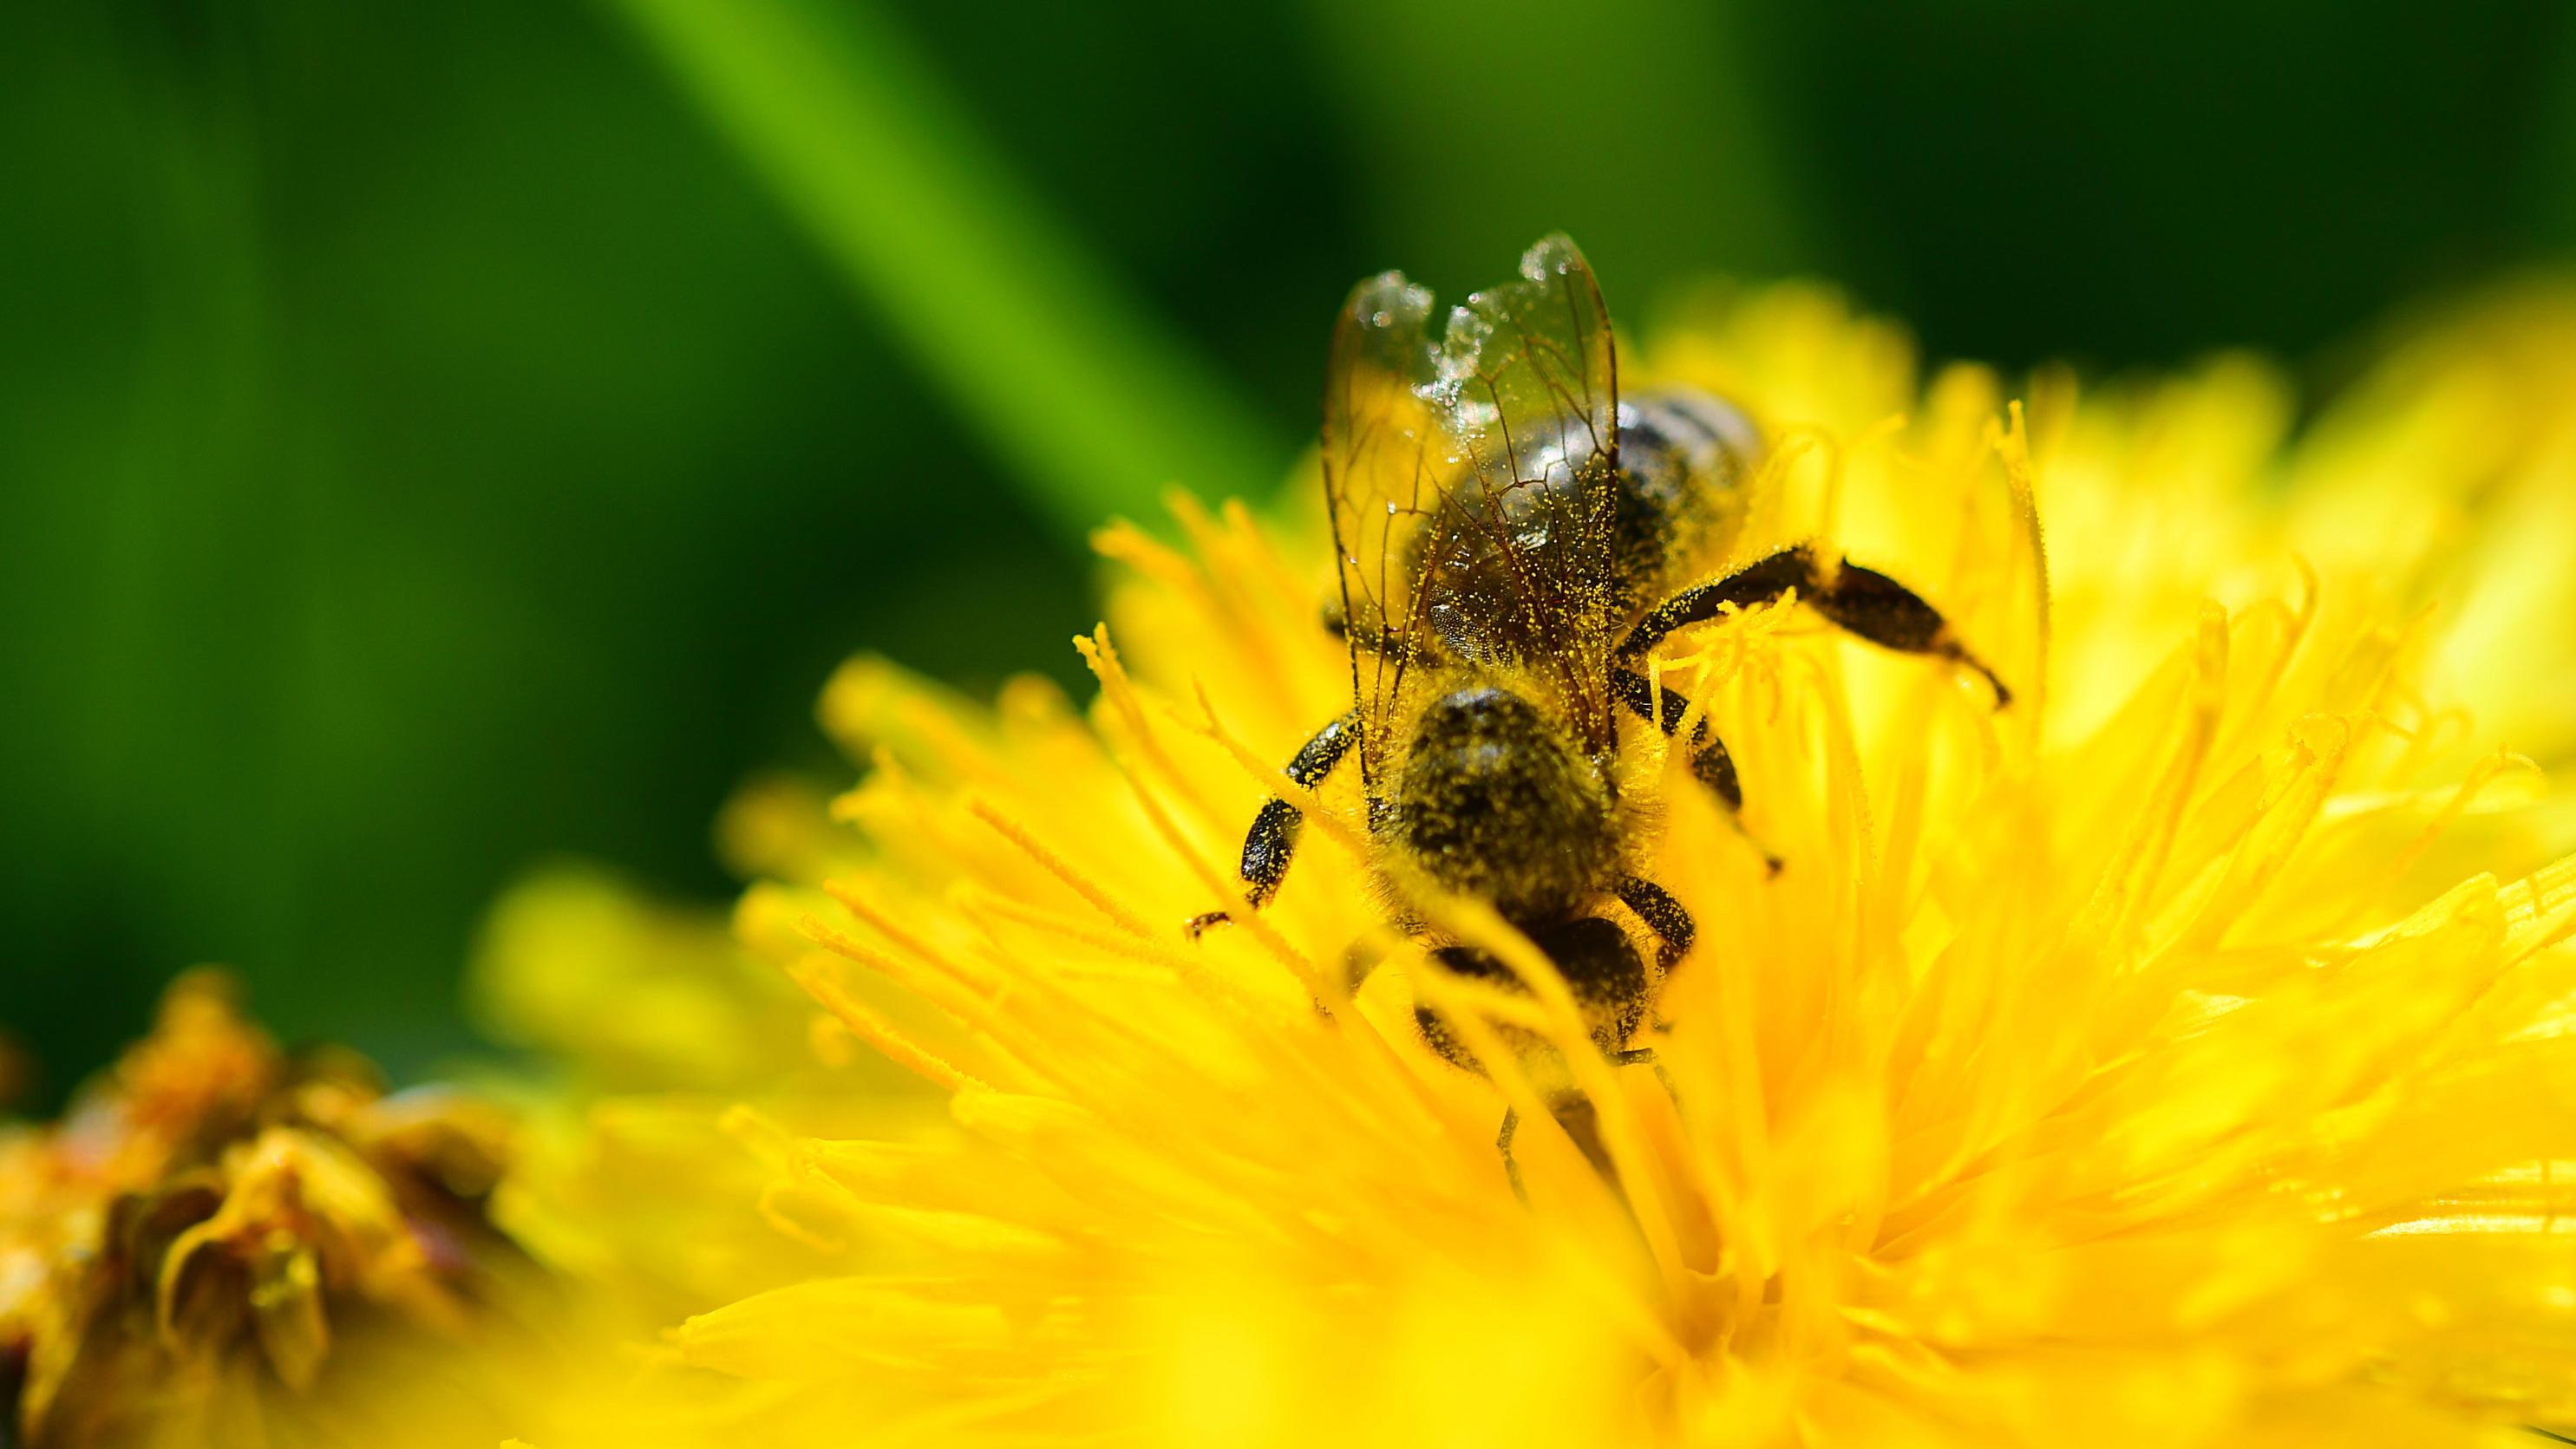 27.04.2018, Baden-Württemberg, Stuttgart: Eine Biene sitzt auf der Blüte eines Löwenzahn. Foto: Sebastian Gollnow/dpa +++ dpa-Bildfunk +++